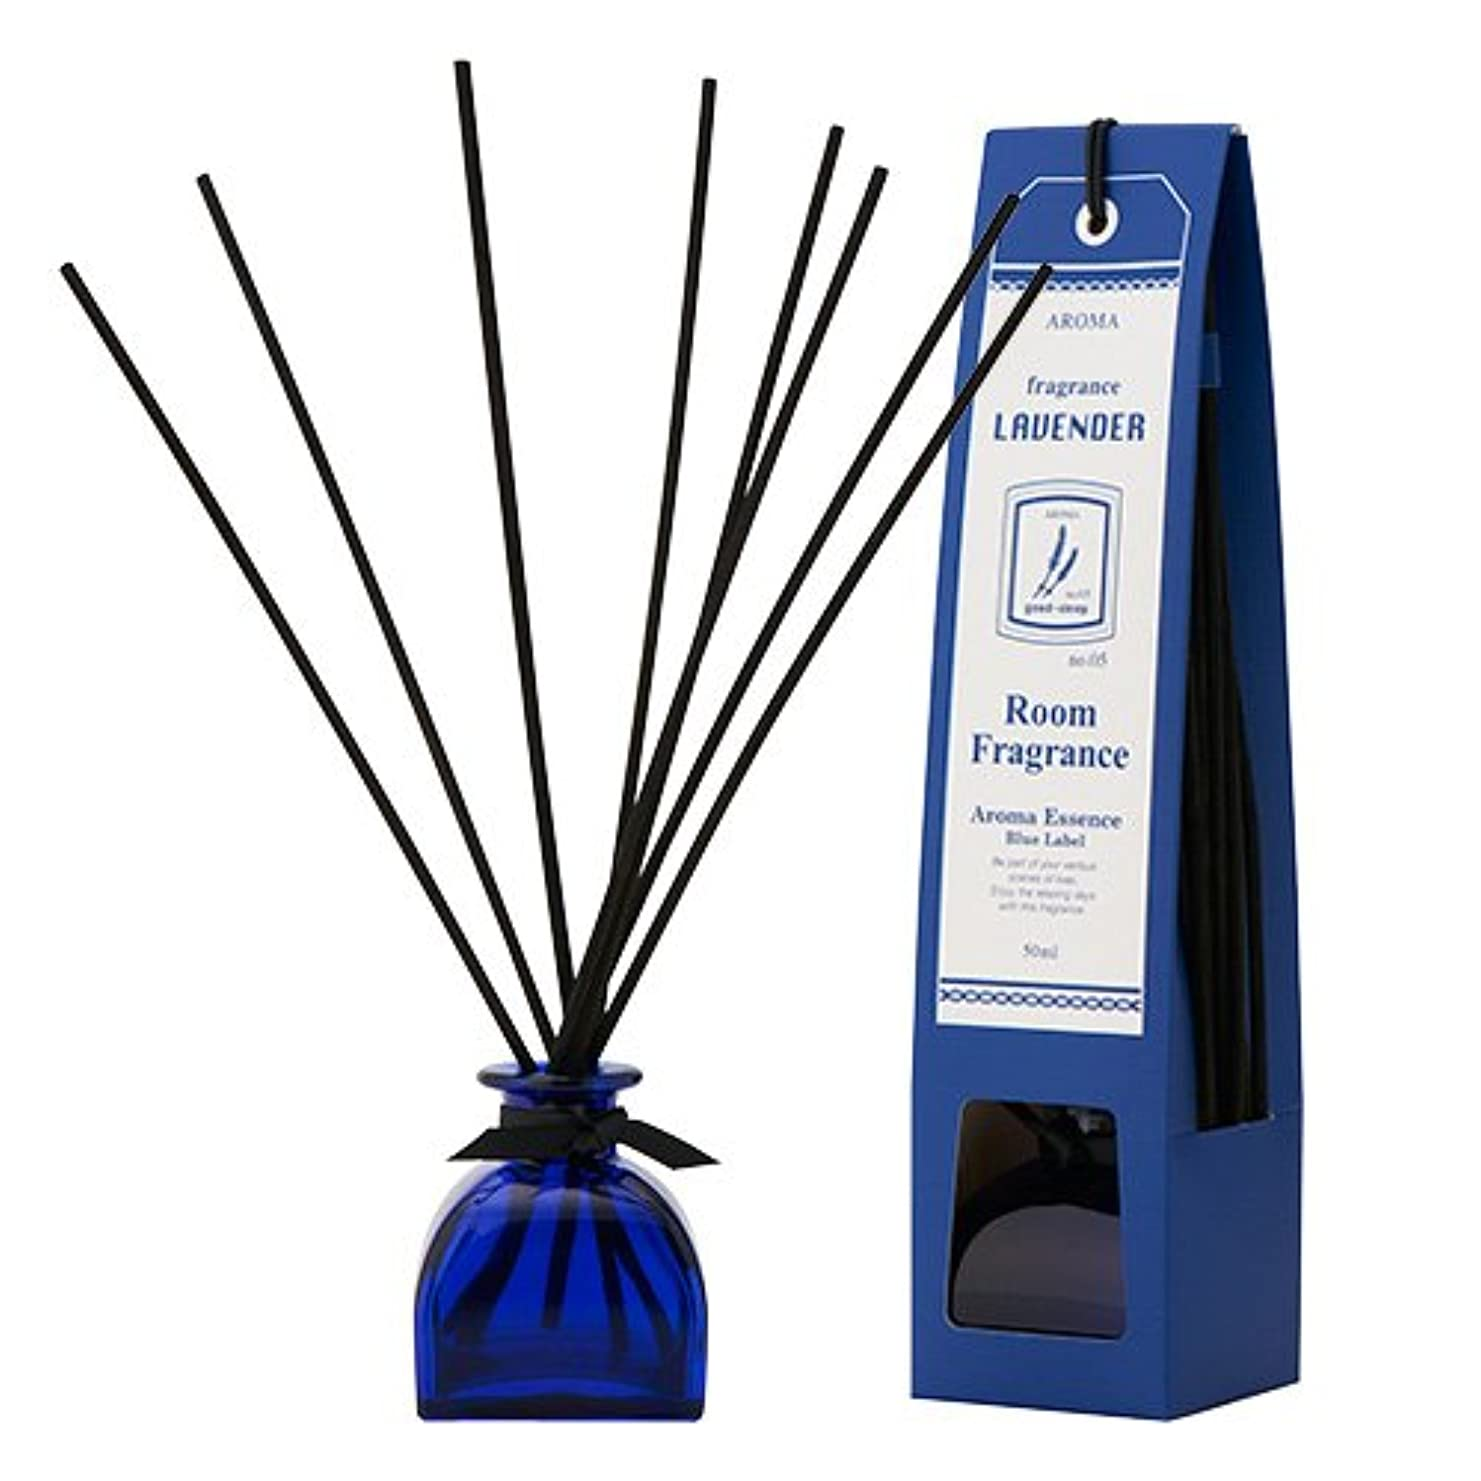 粘液調整にはまってブルーラベル ルームフレグランス ラベンダー 50ml(芳香剤 リードディフューザー 心落ち着ける清々しい香り)